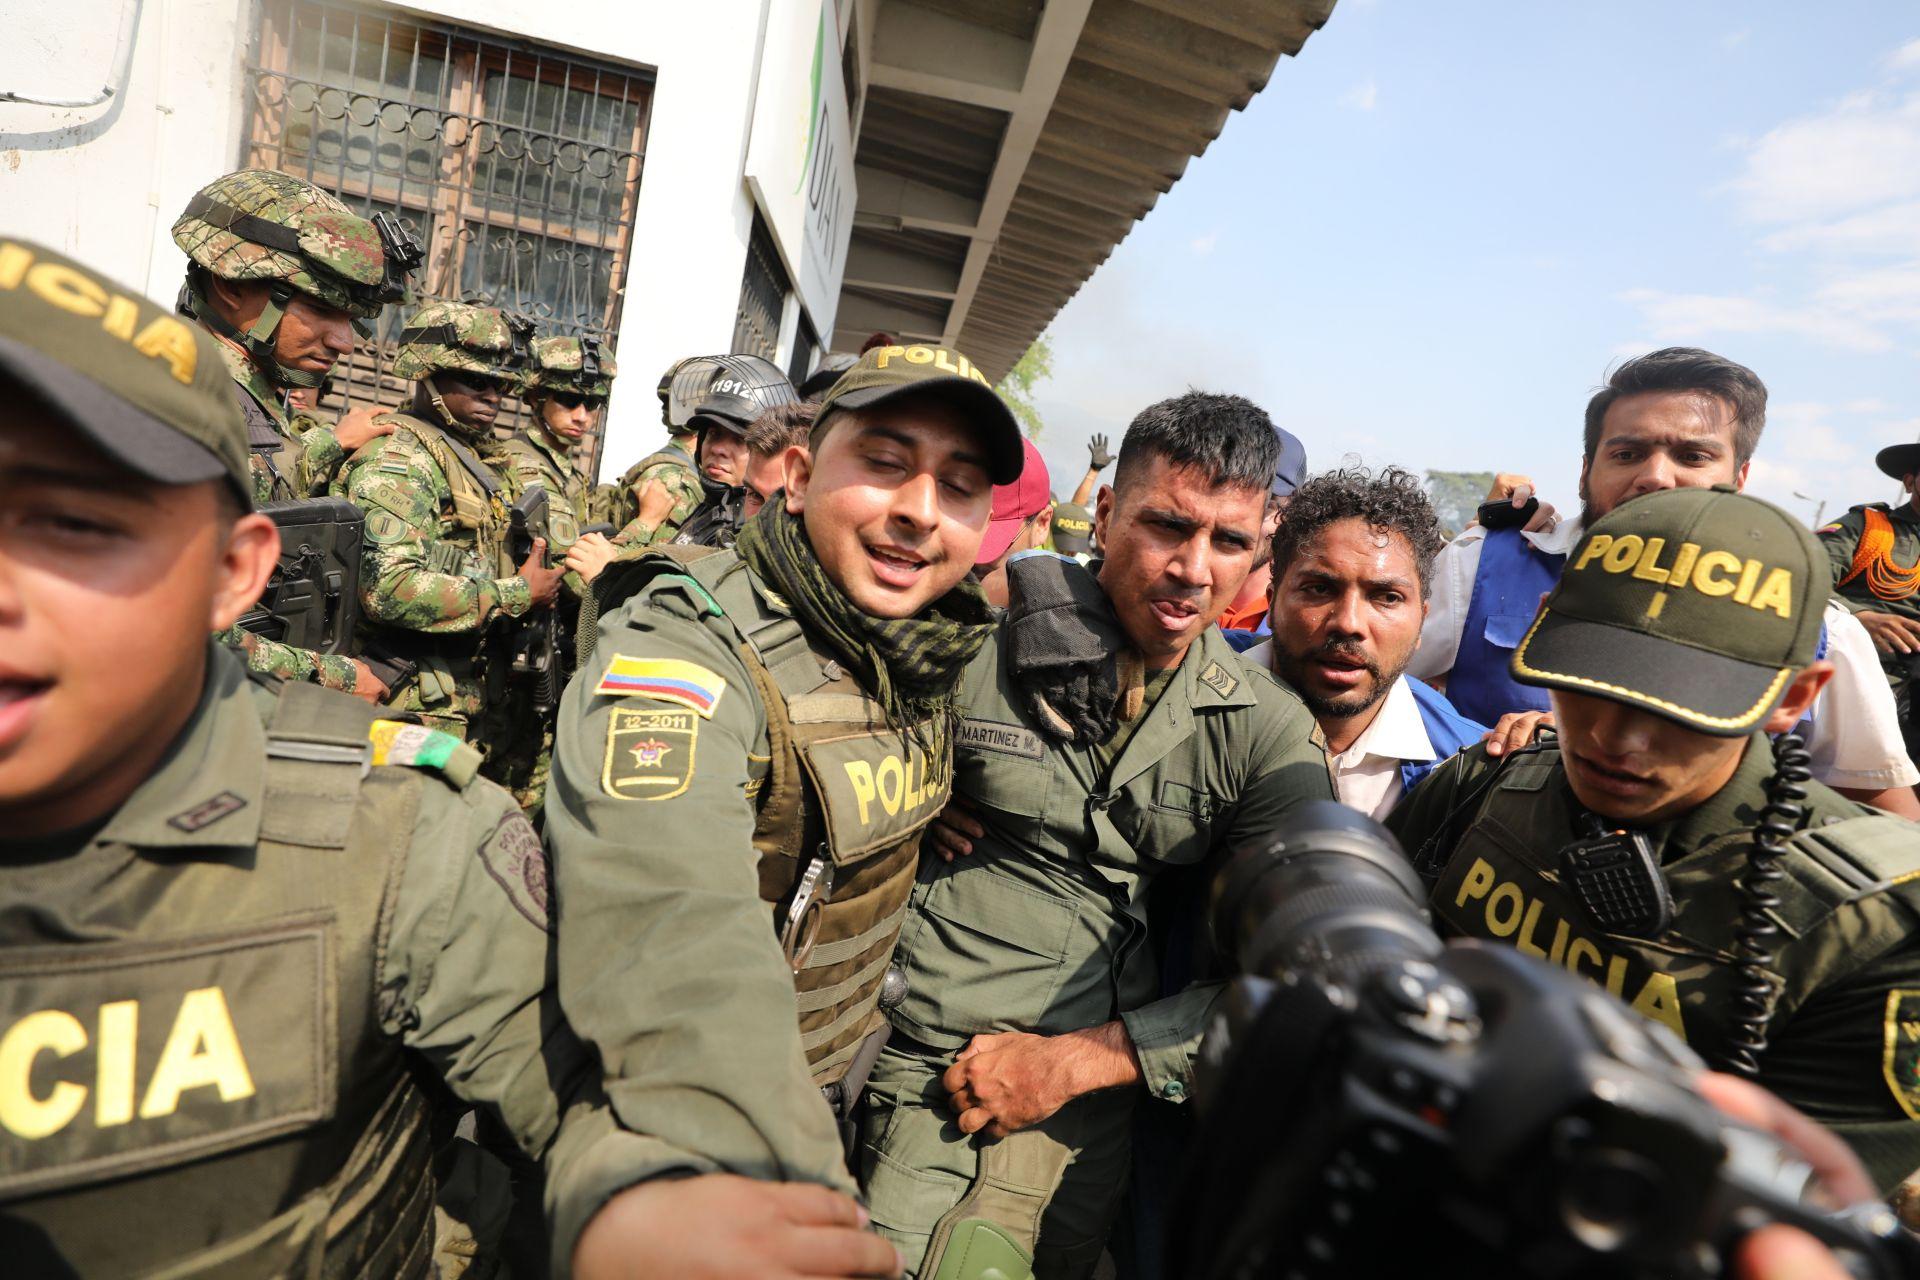 Колумбийски полиции ескортират венецуелски войник, който се предаде на международния мост Симон Боливар, където венецуелците се опитват да доставят хуманитарна помощ